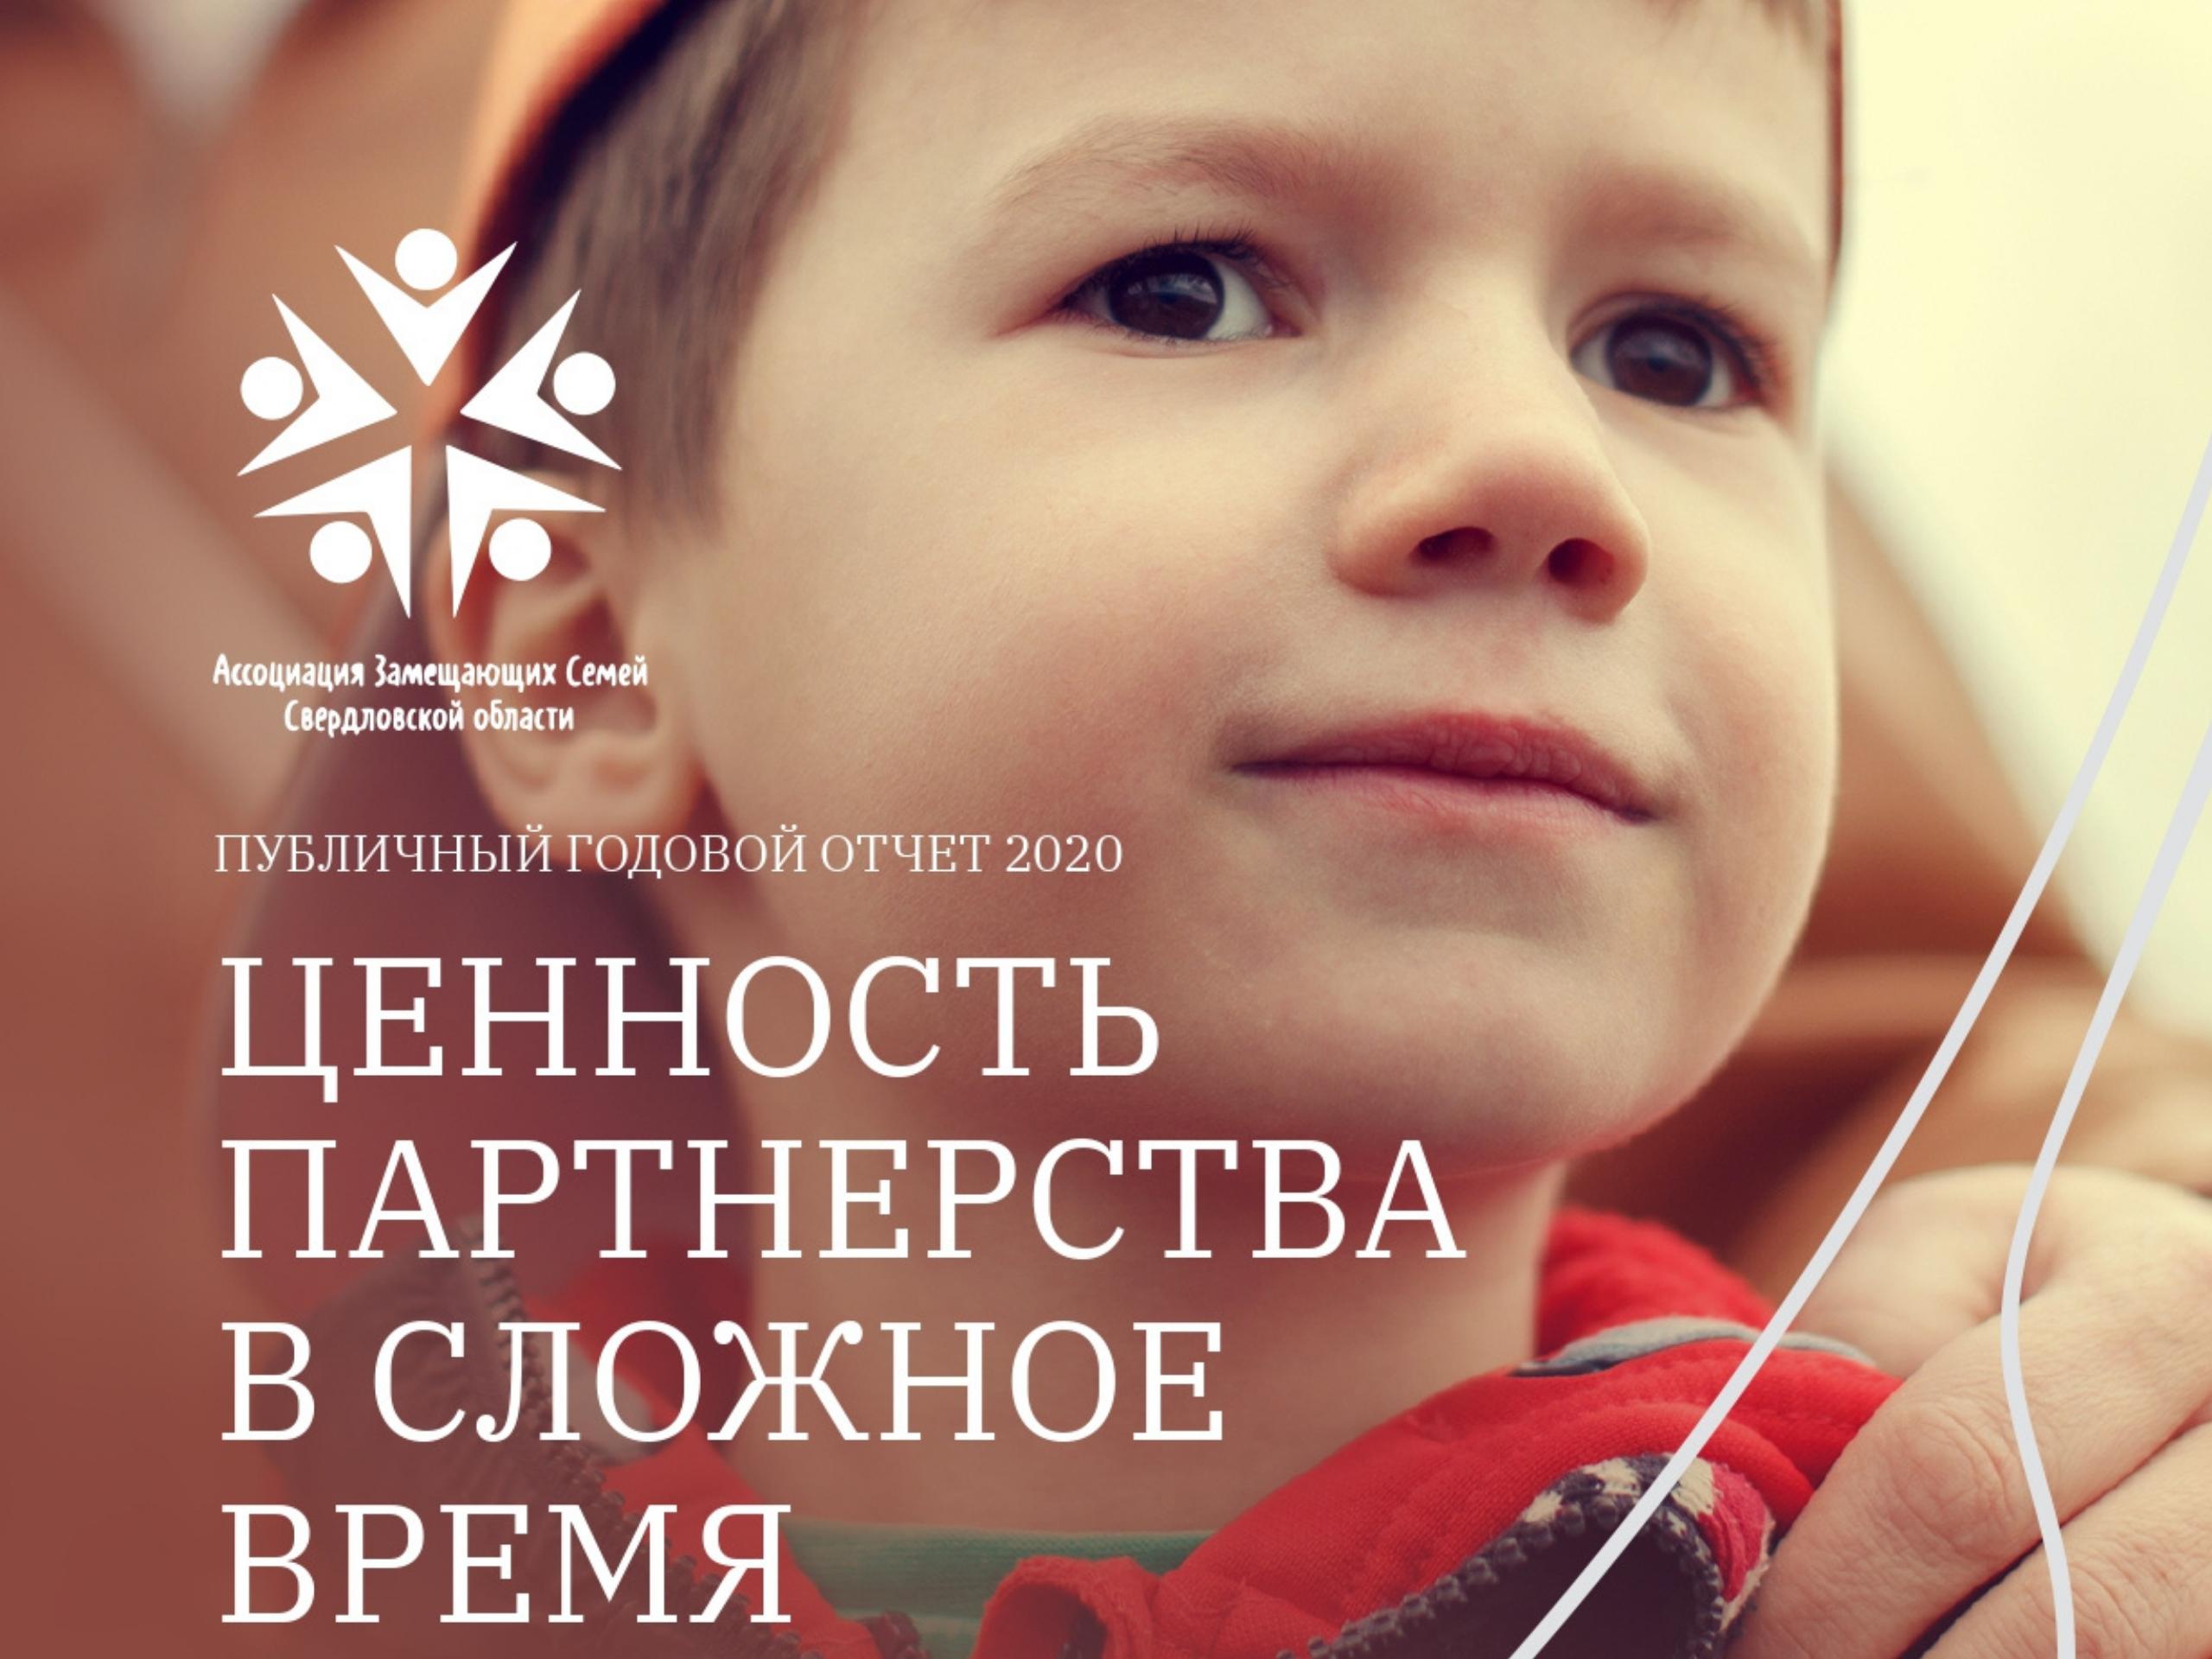 Публичный годовой отчет за 2020 год